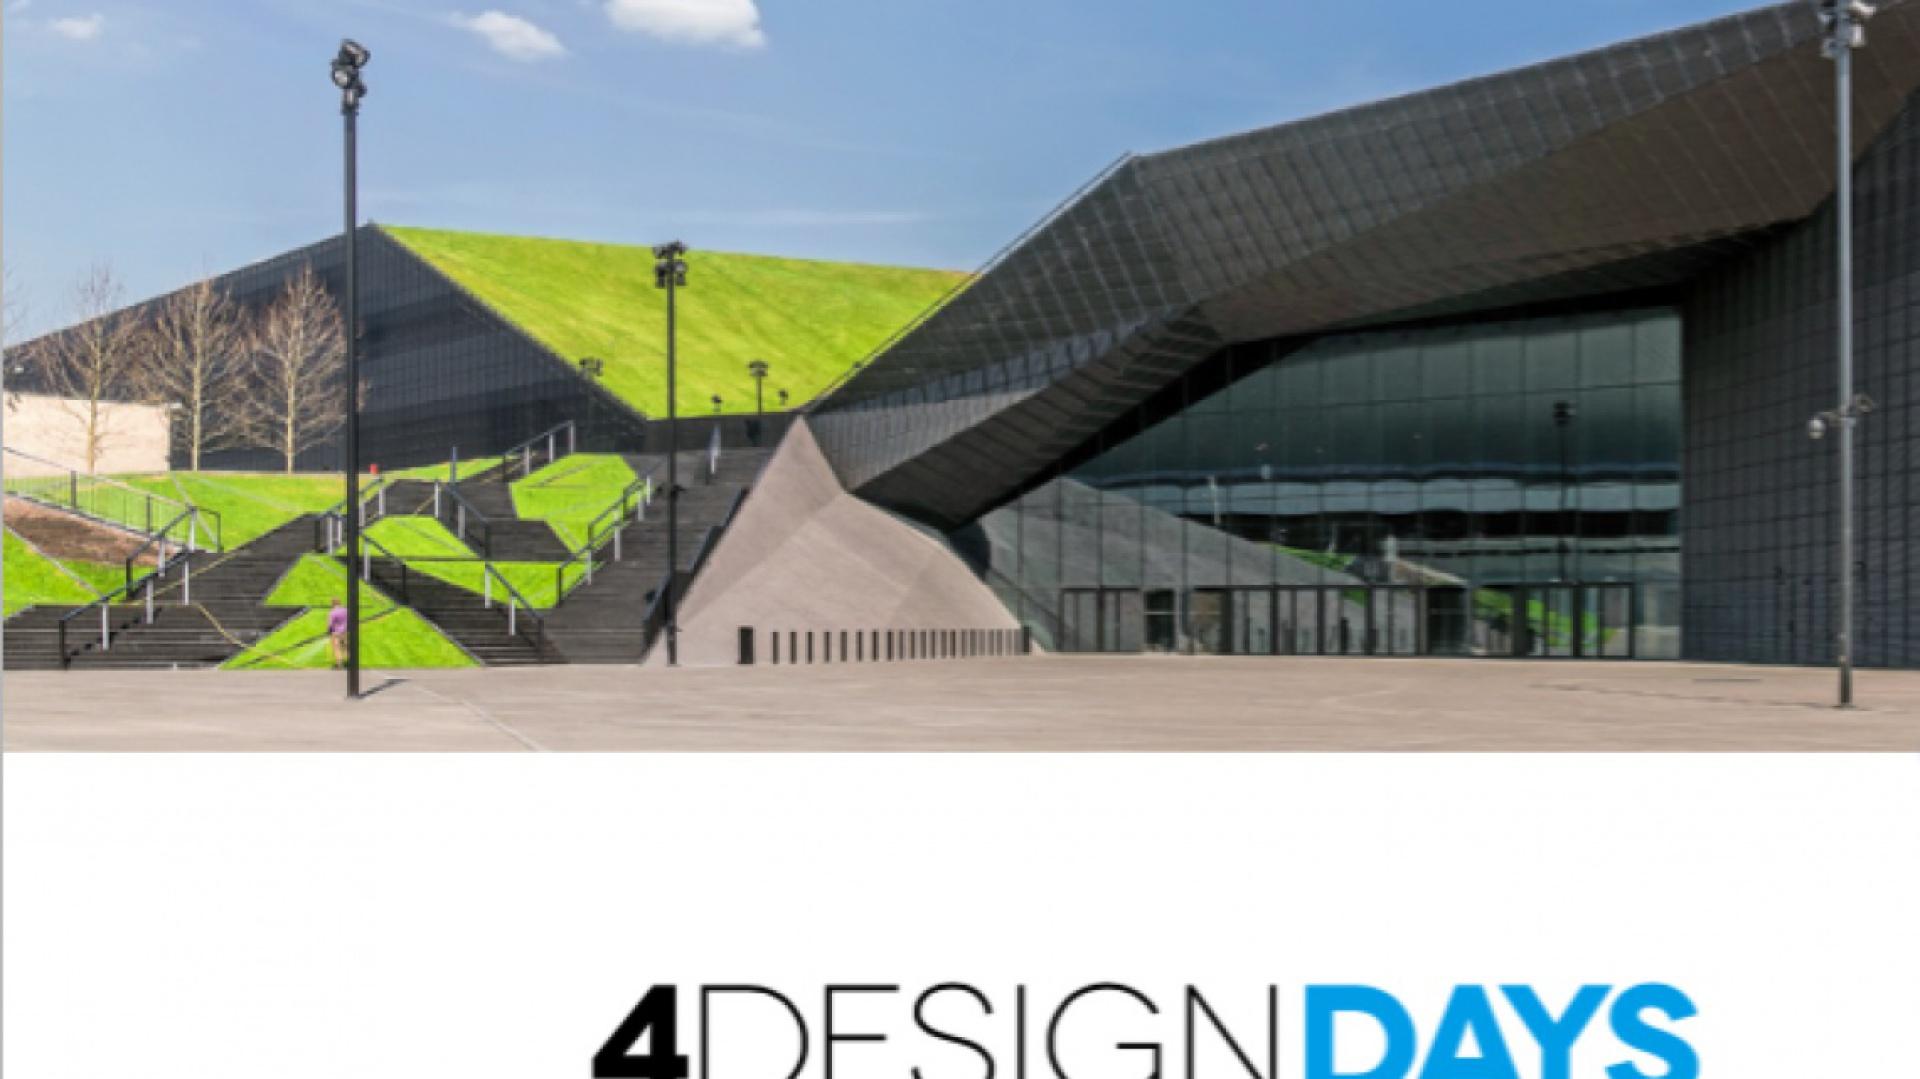 Zapraszamy na dni otwarte 4 Design Days, które odbędą się 13 i 14 lutego 2016 r. Fot. Archiwum